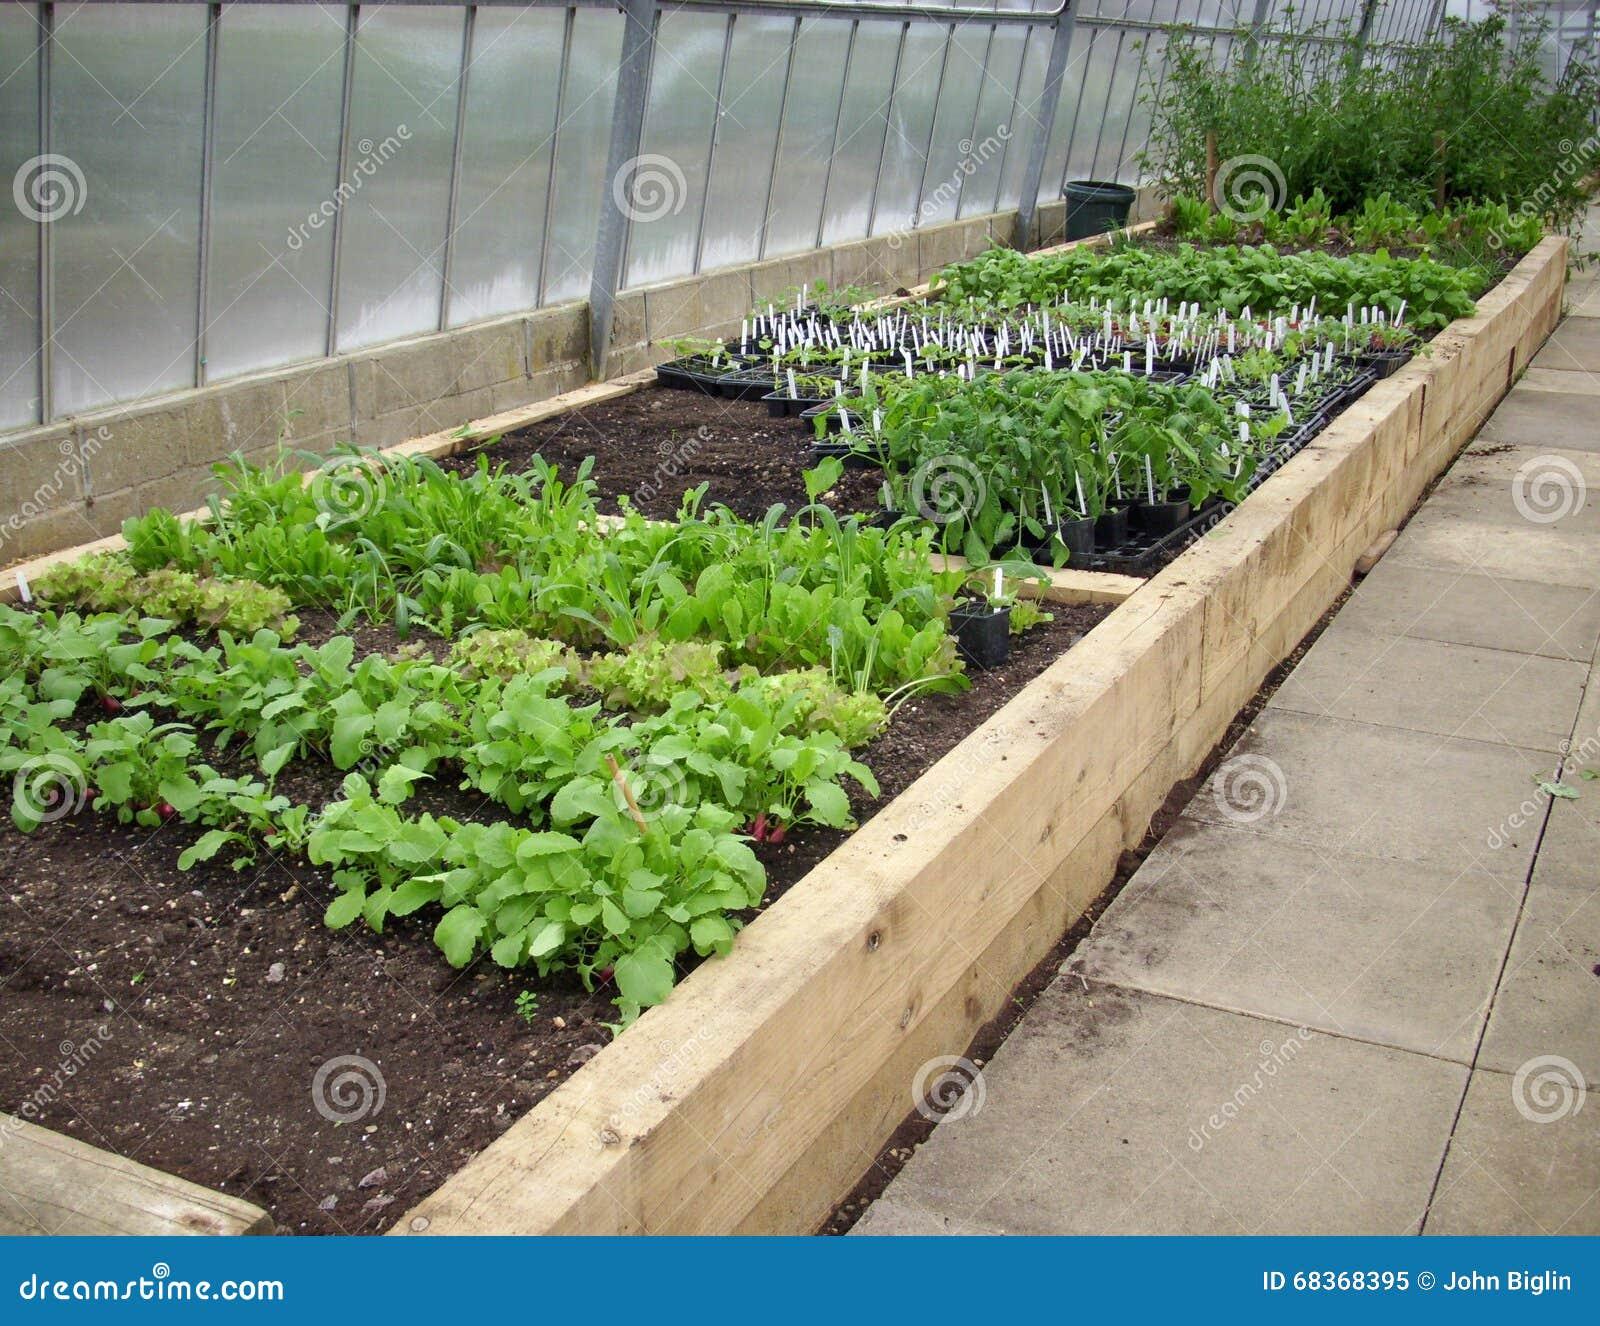 Hochbeete Im Gewachshaus Stockbild Bild Von Salat Errichten 68368395